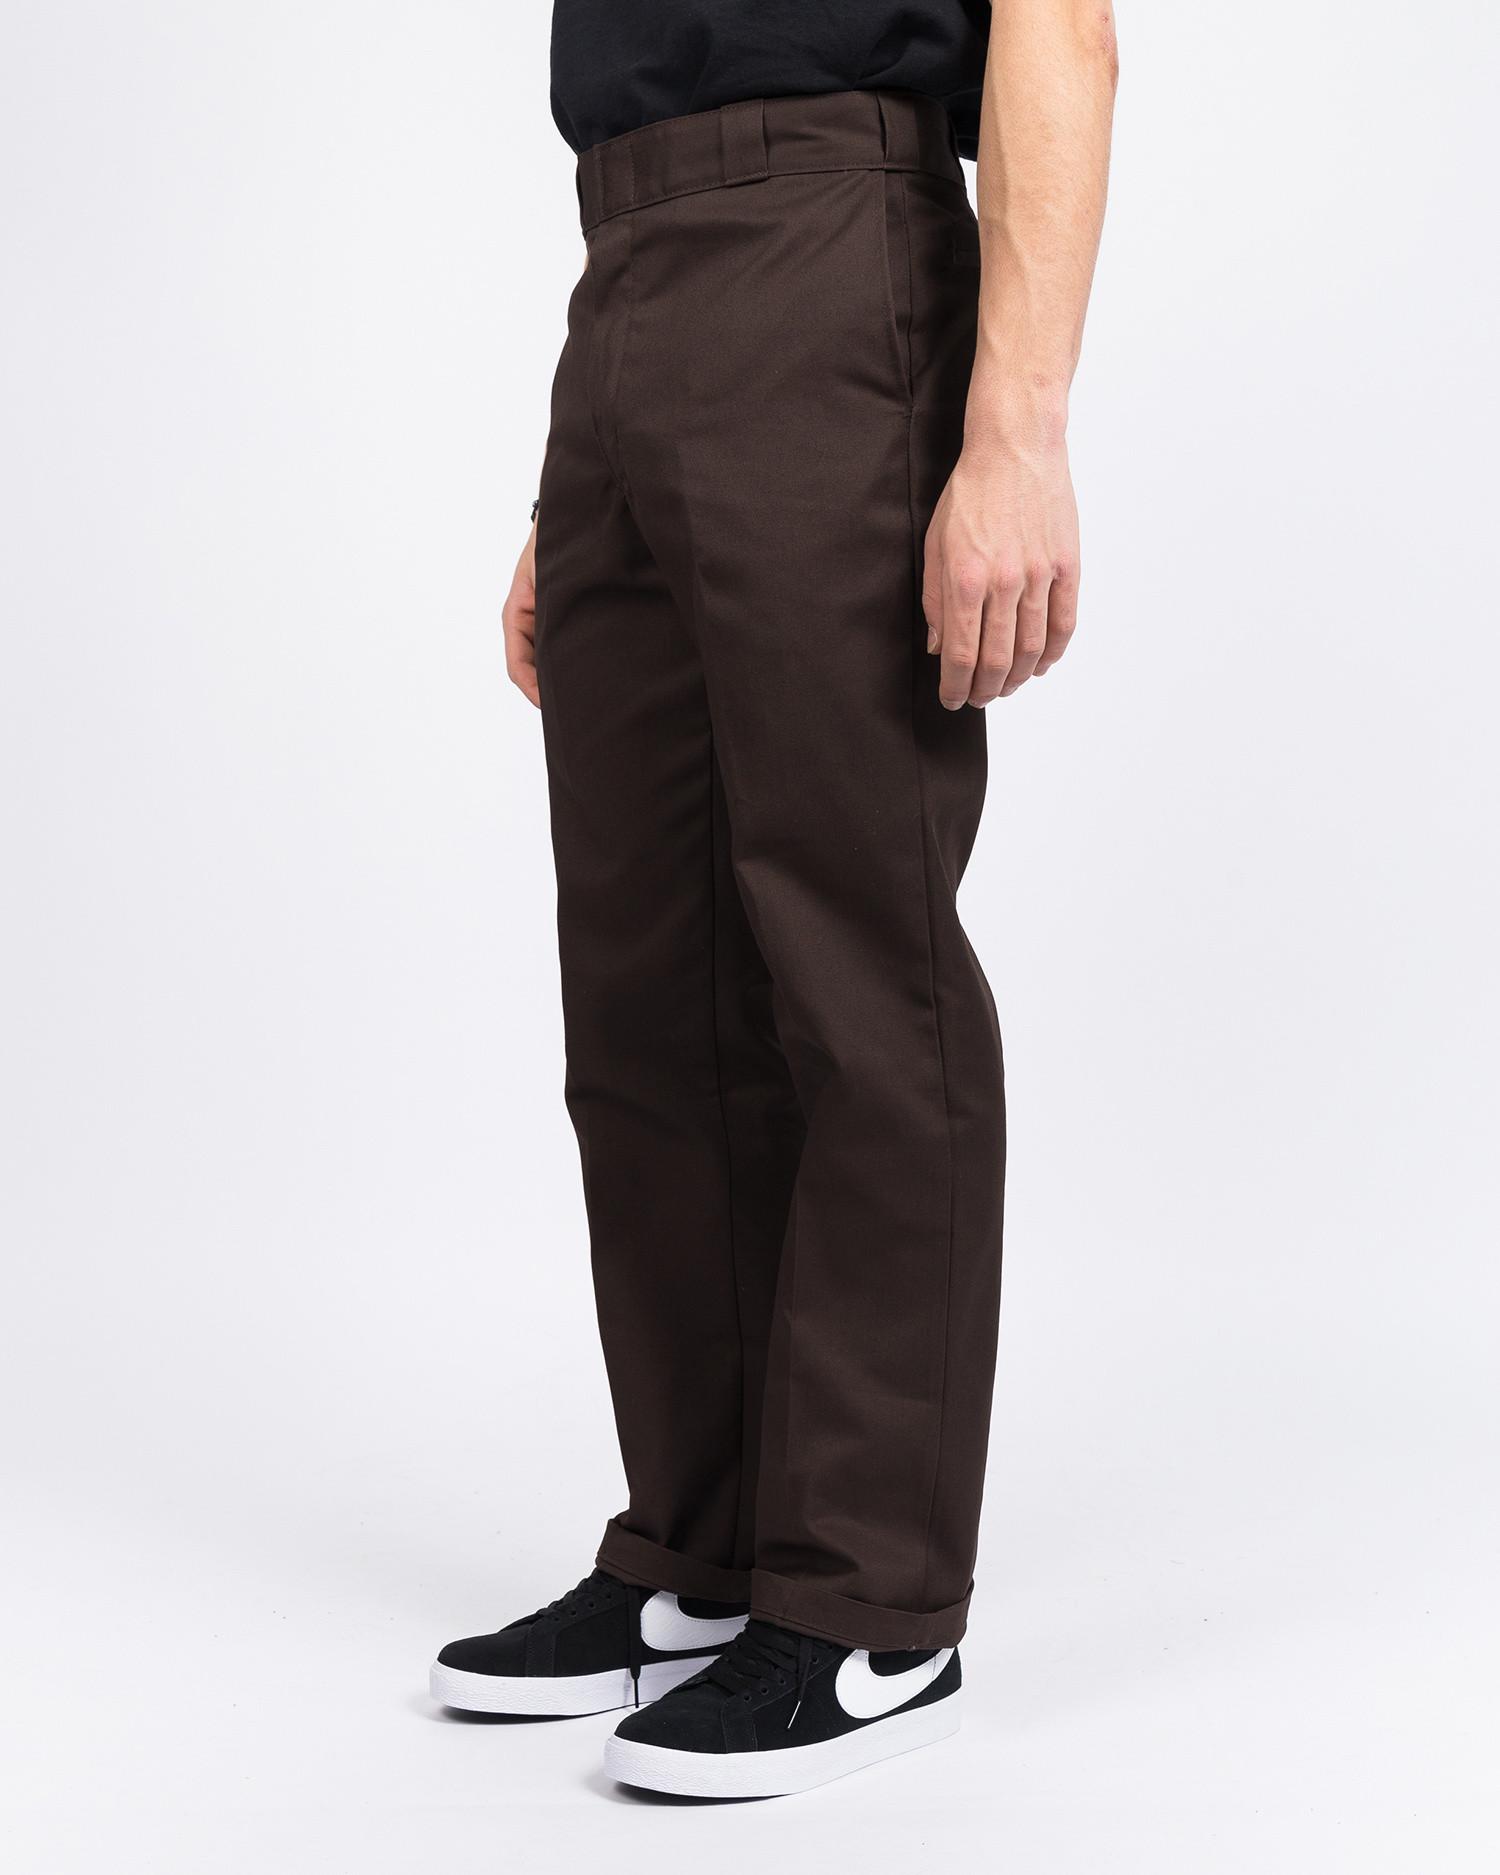 Dickies Original 874 Work Pant Dark Brown